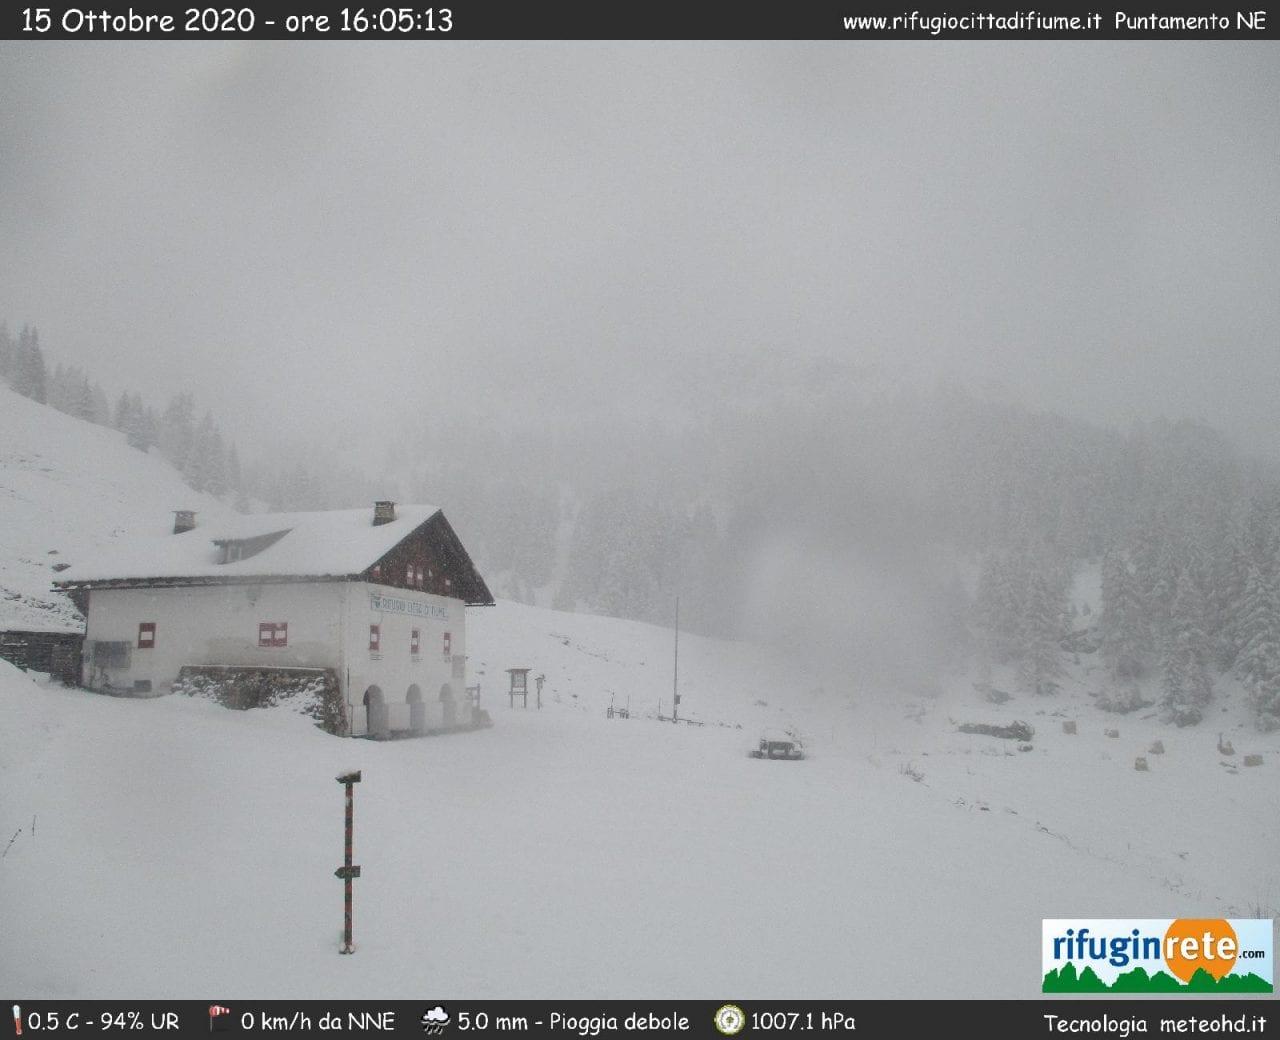 5d306195 22d2 459d 8b83 4cac7bd2ce49 - Veneto, abbondanti nevicate tra le Alpi e le Prealpi: galleria fotografica